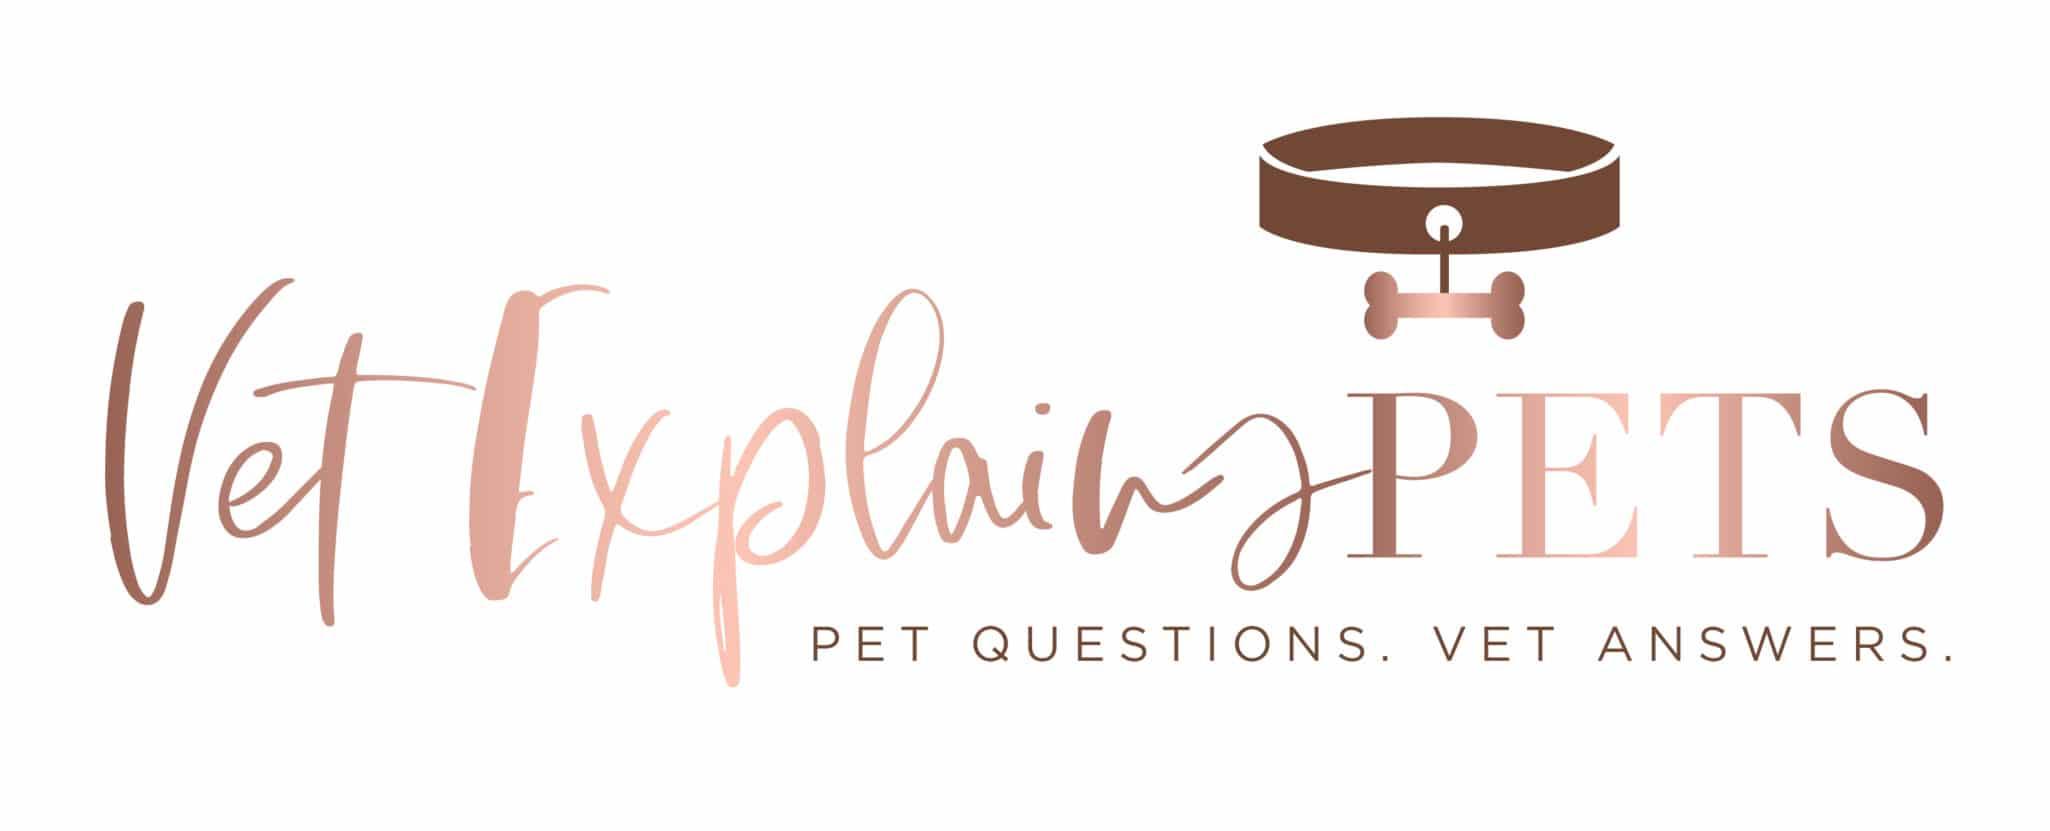 Vet Explains Pets